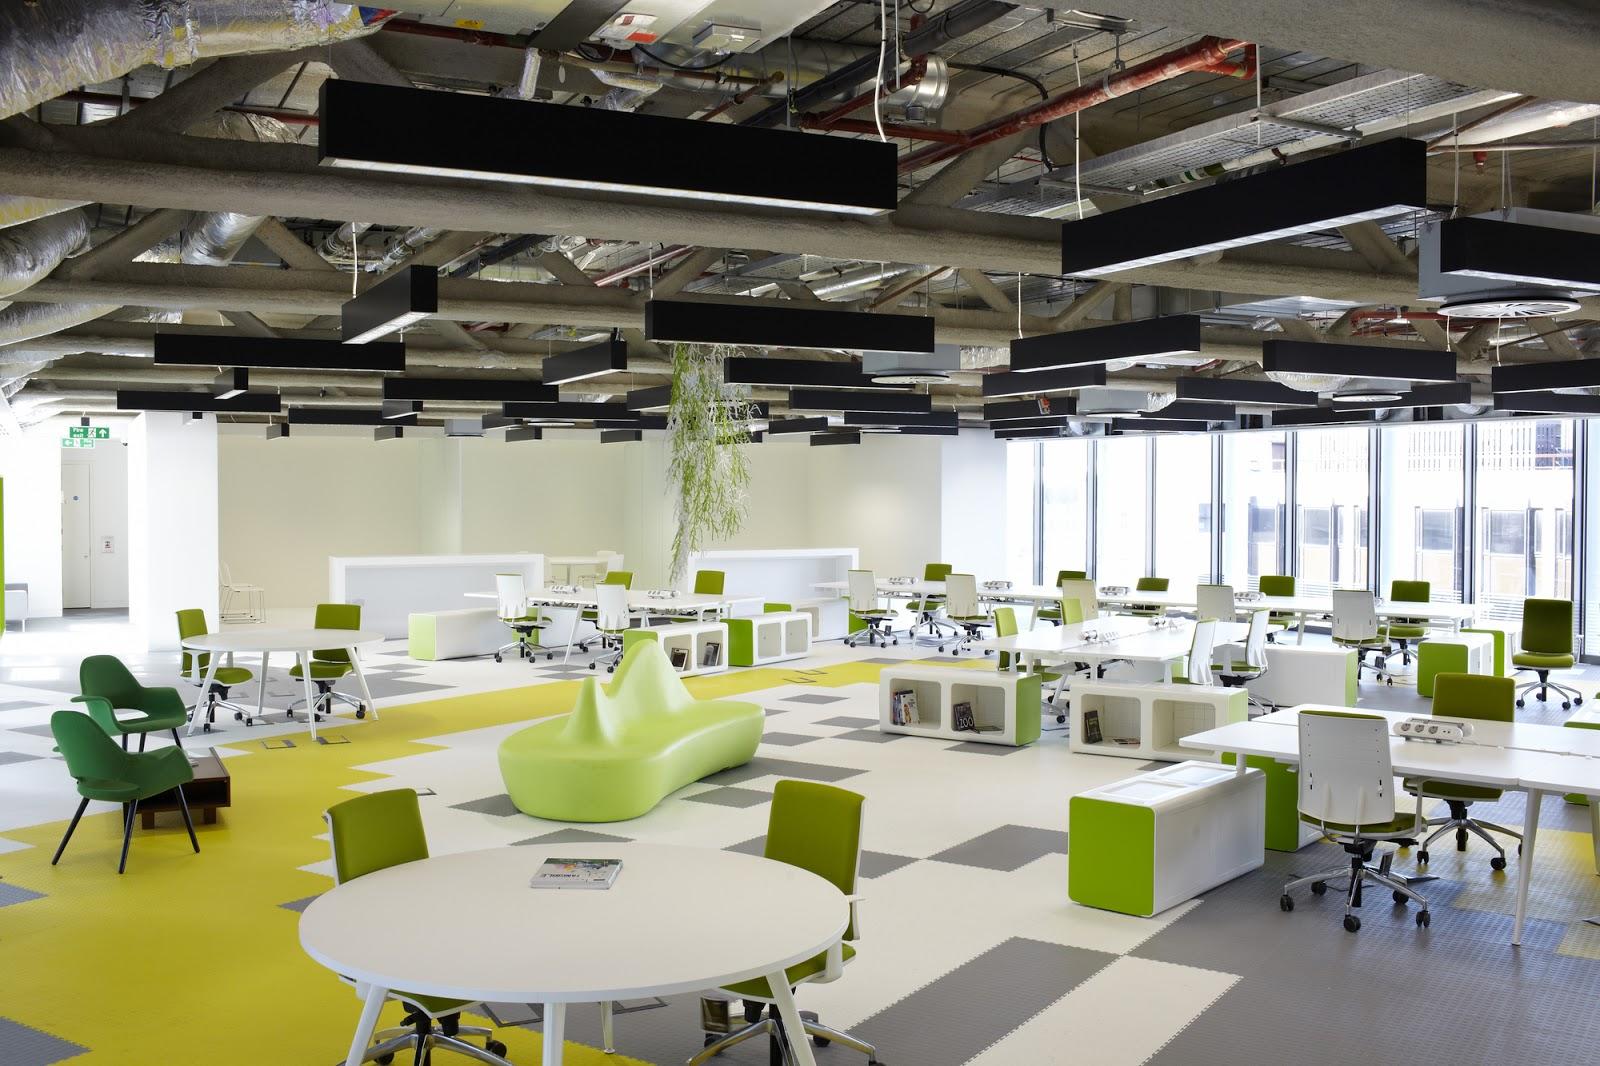 Làm việc thoải mái nhờ vào phong cách thiết kế ghế văn phòng cho chỗ ngồi làm việc.